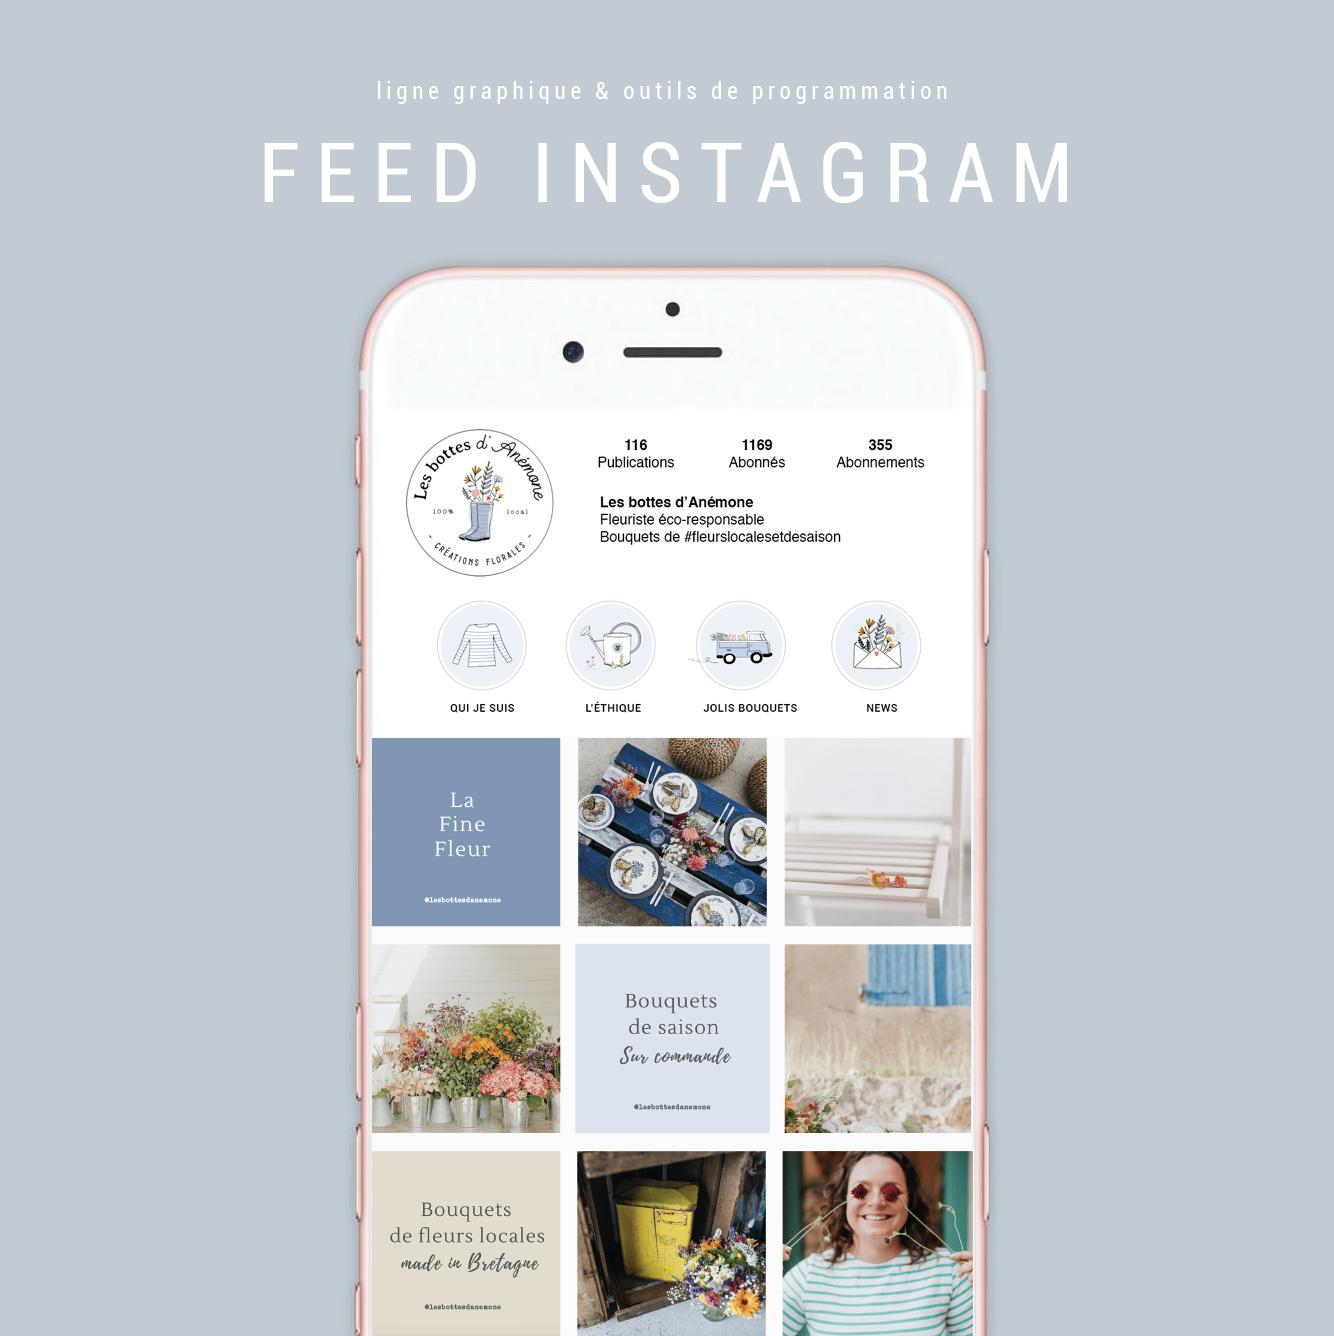 Création d'univers graphique pour Instagram